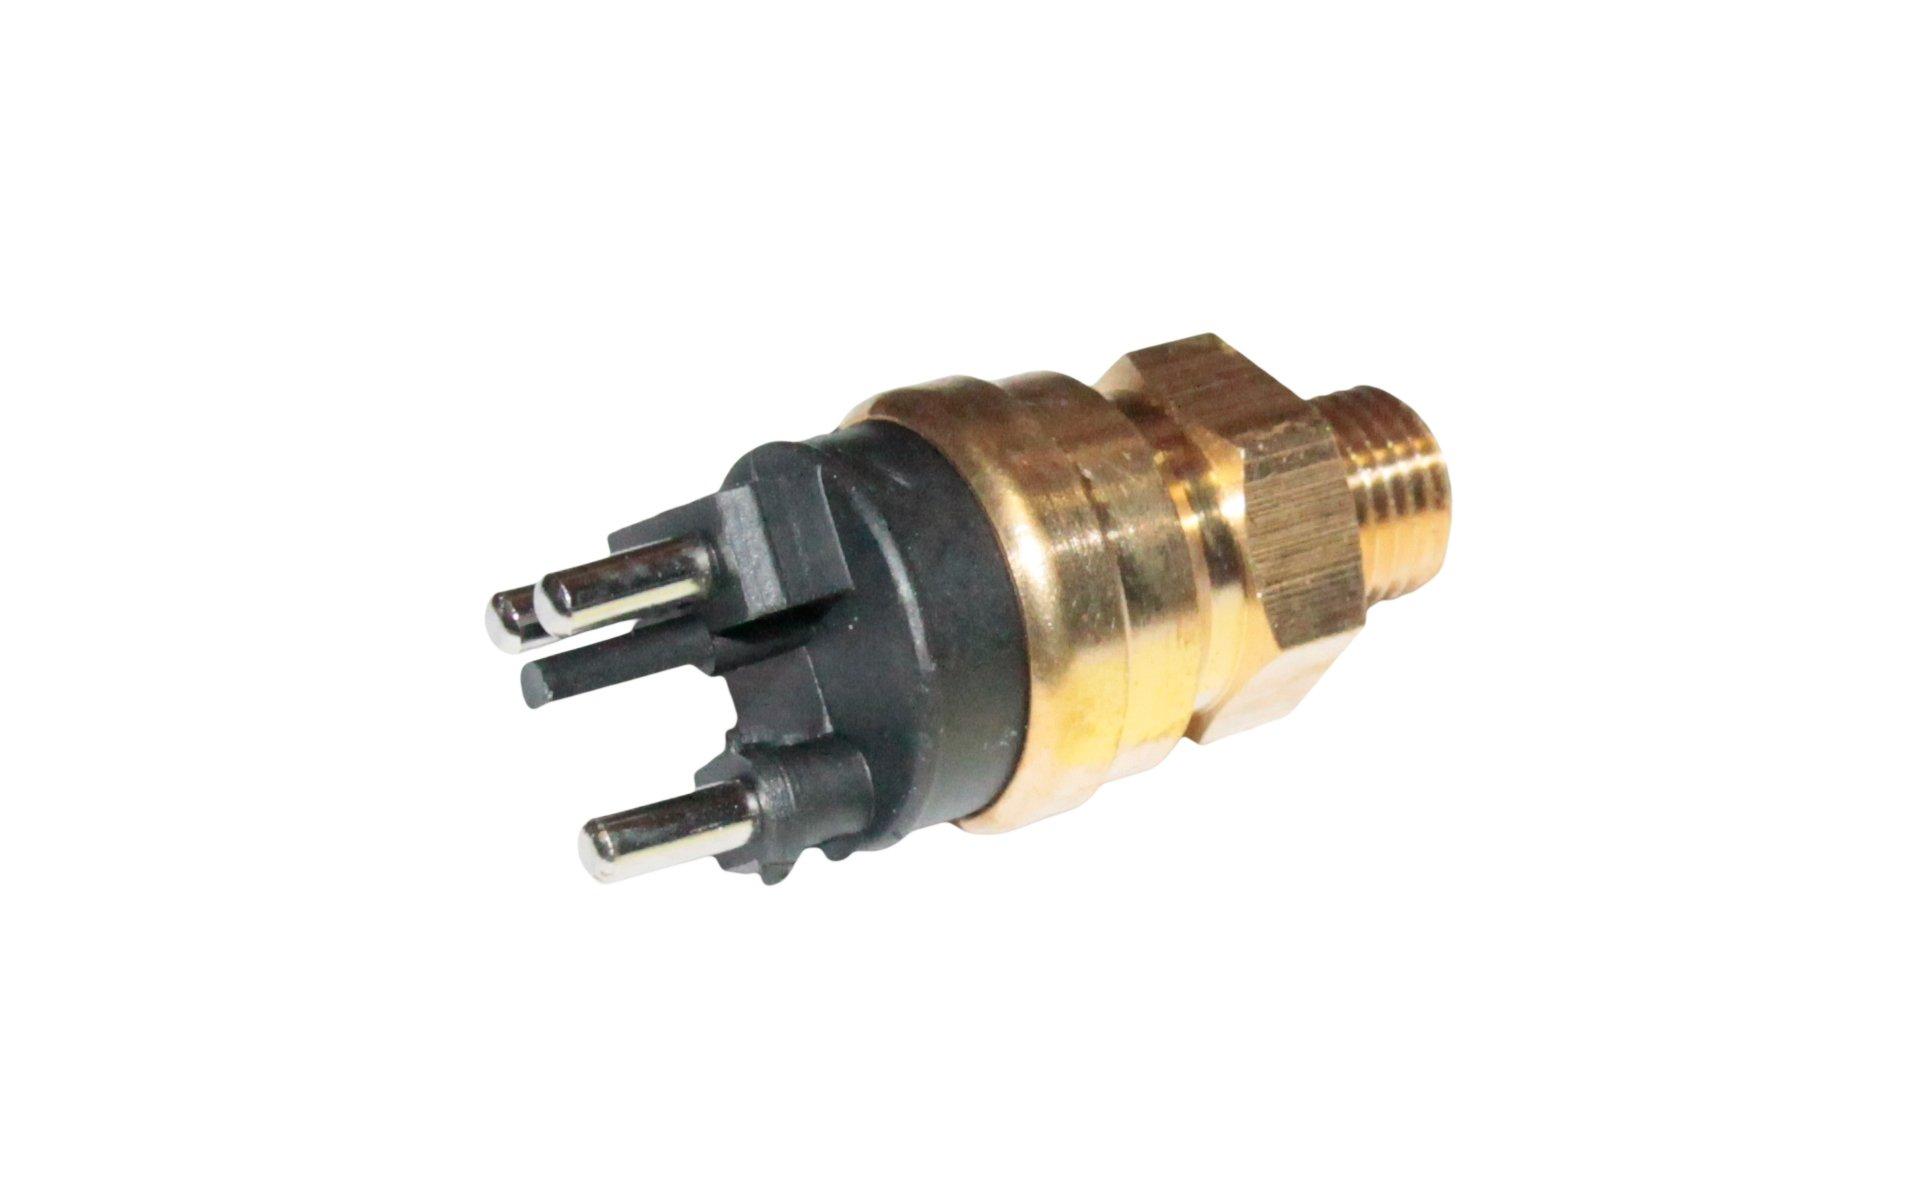 MTC 3576 / 006-545-42-24 Engine Temperature Sensor (3 Poles, Mercedes models)